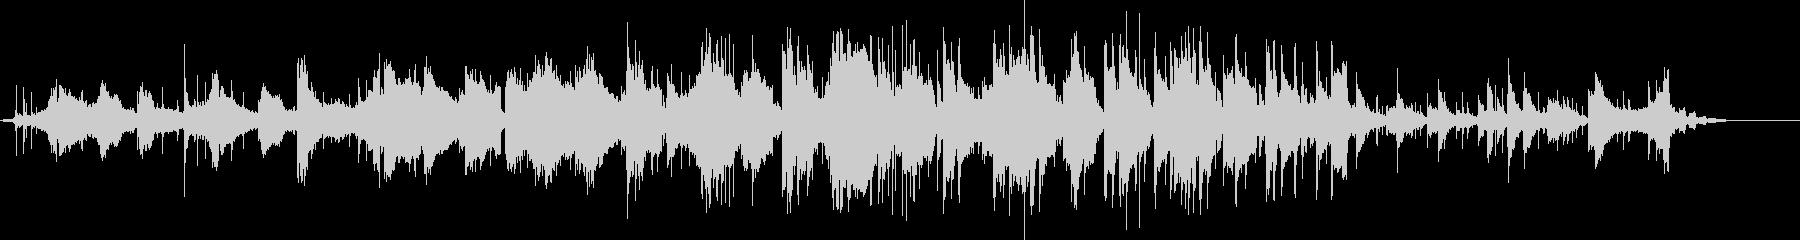 異国の風を感じるニュートラル曲GtVerの未再生の波形